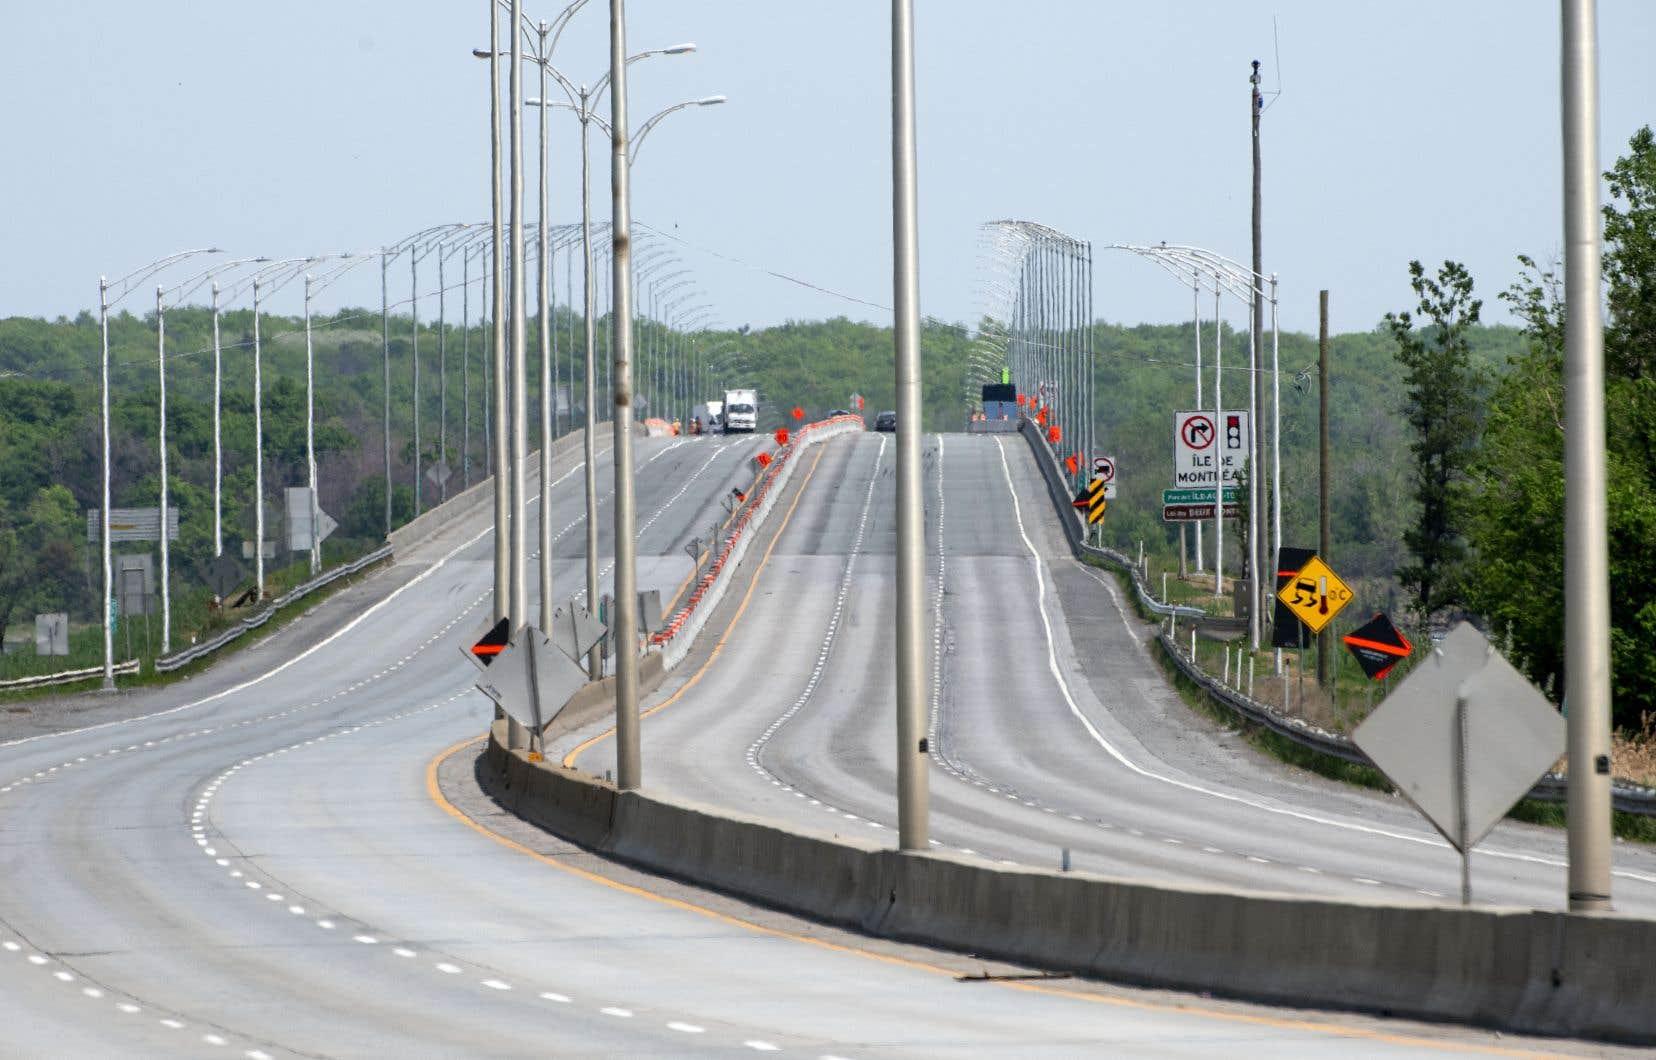 Le gouvernement avait dû fermer d'urgence le pont de l'Île-aux-Tourtes en raison de bris et de dommages causés à des tiges de renforcements lors de travaux de forage.